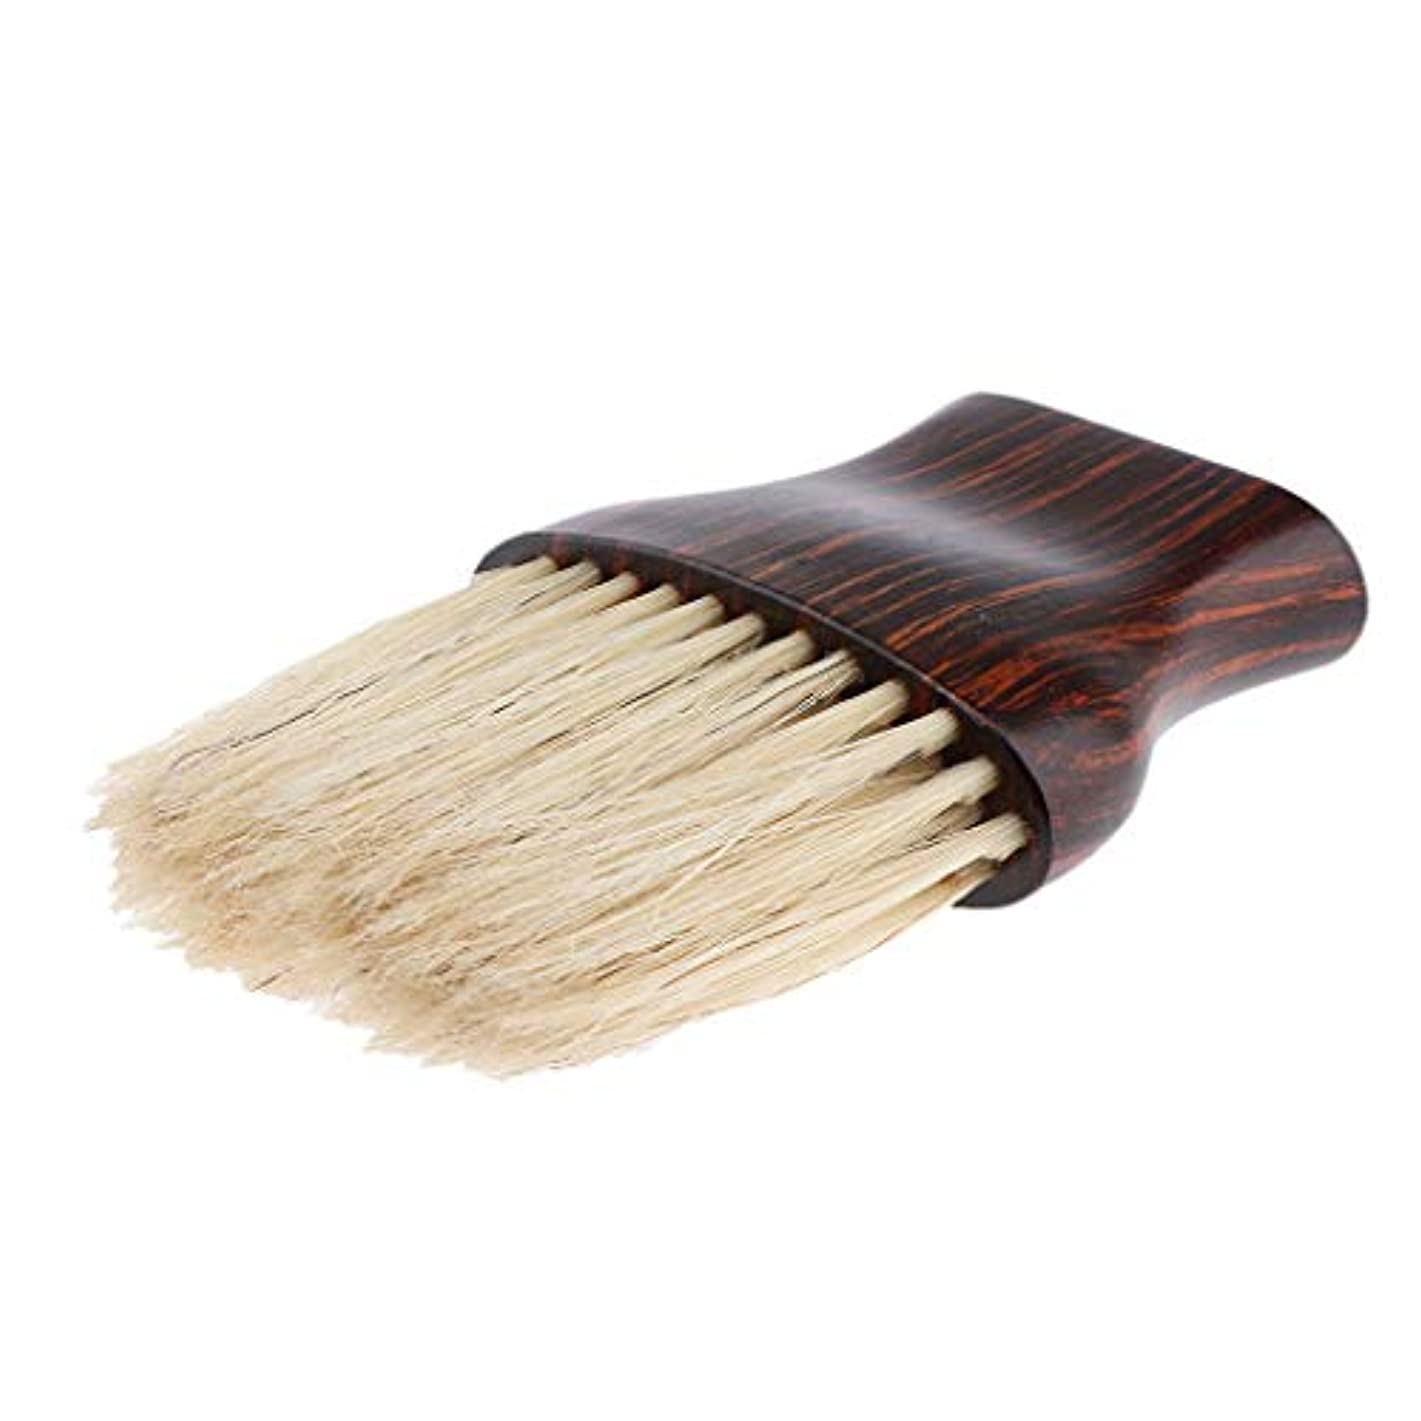 周囲スプリットペストリーヘアカットブラシ ネックダスタークリーニング ヘアブラシ 理髪師理髪ツール